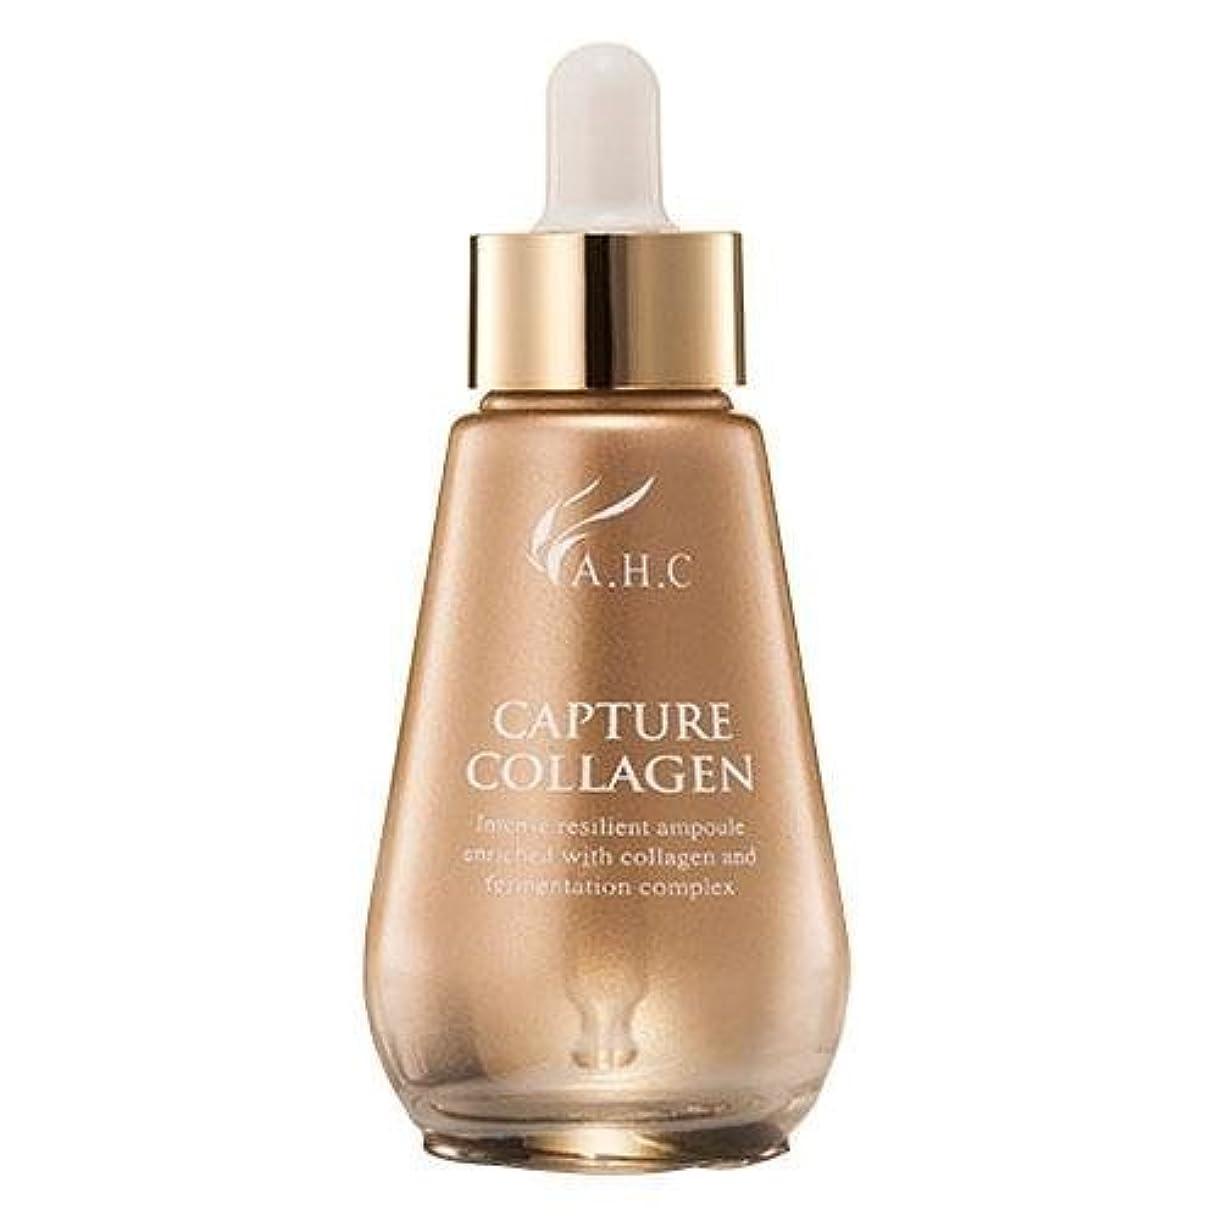 取り囲むすばらしいです合体A.H.C Capture Collagen Ampoule/ Made in Korea